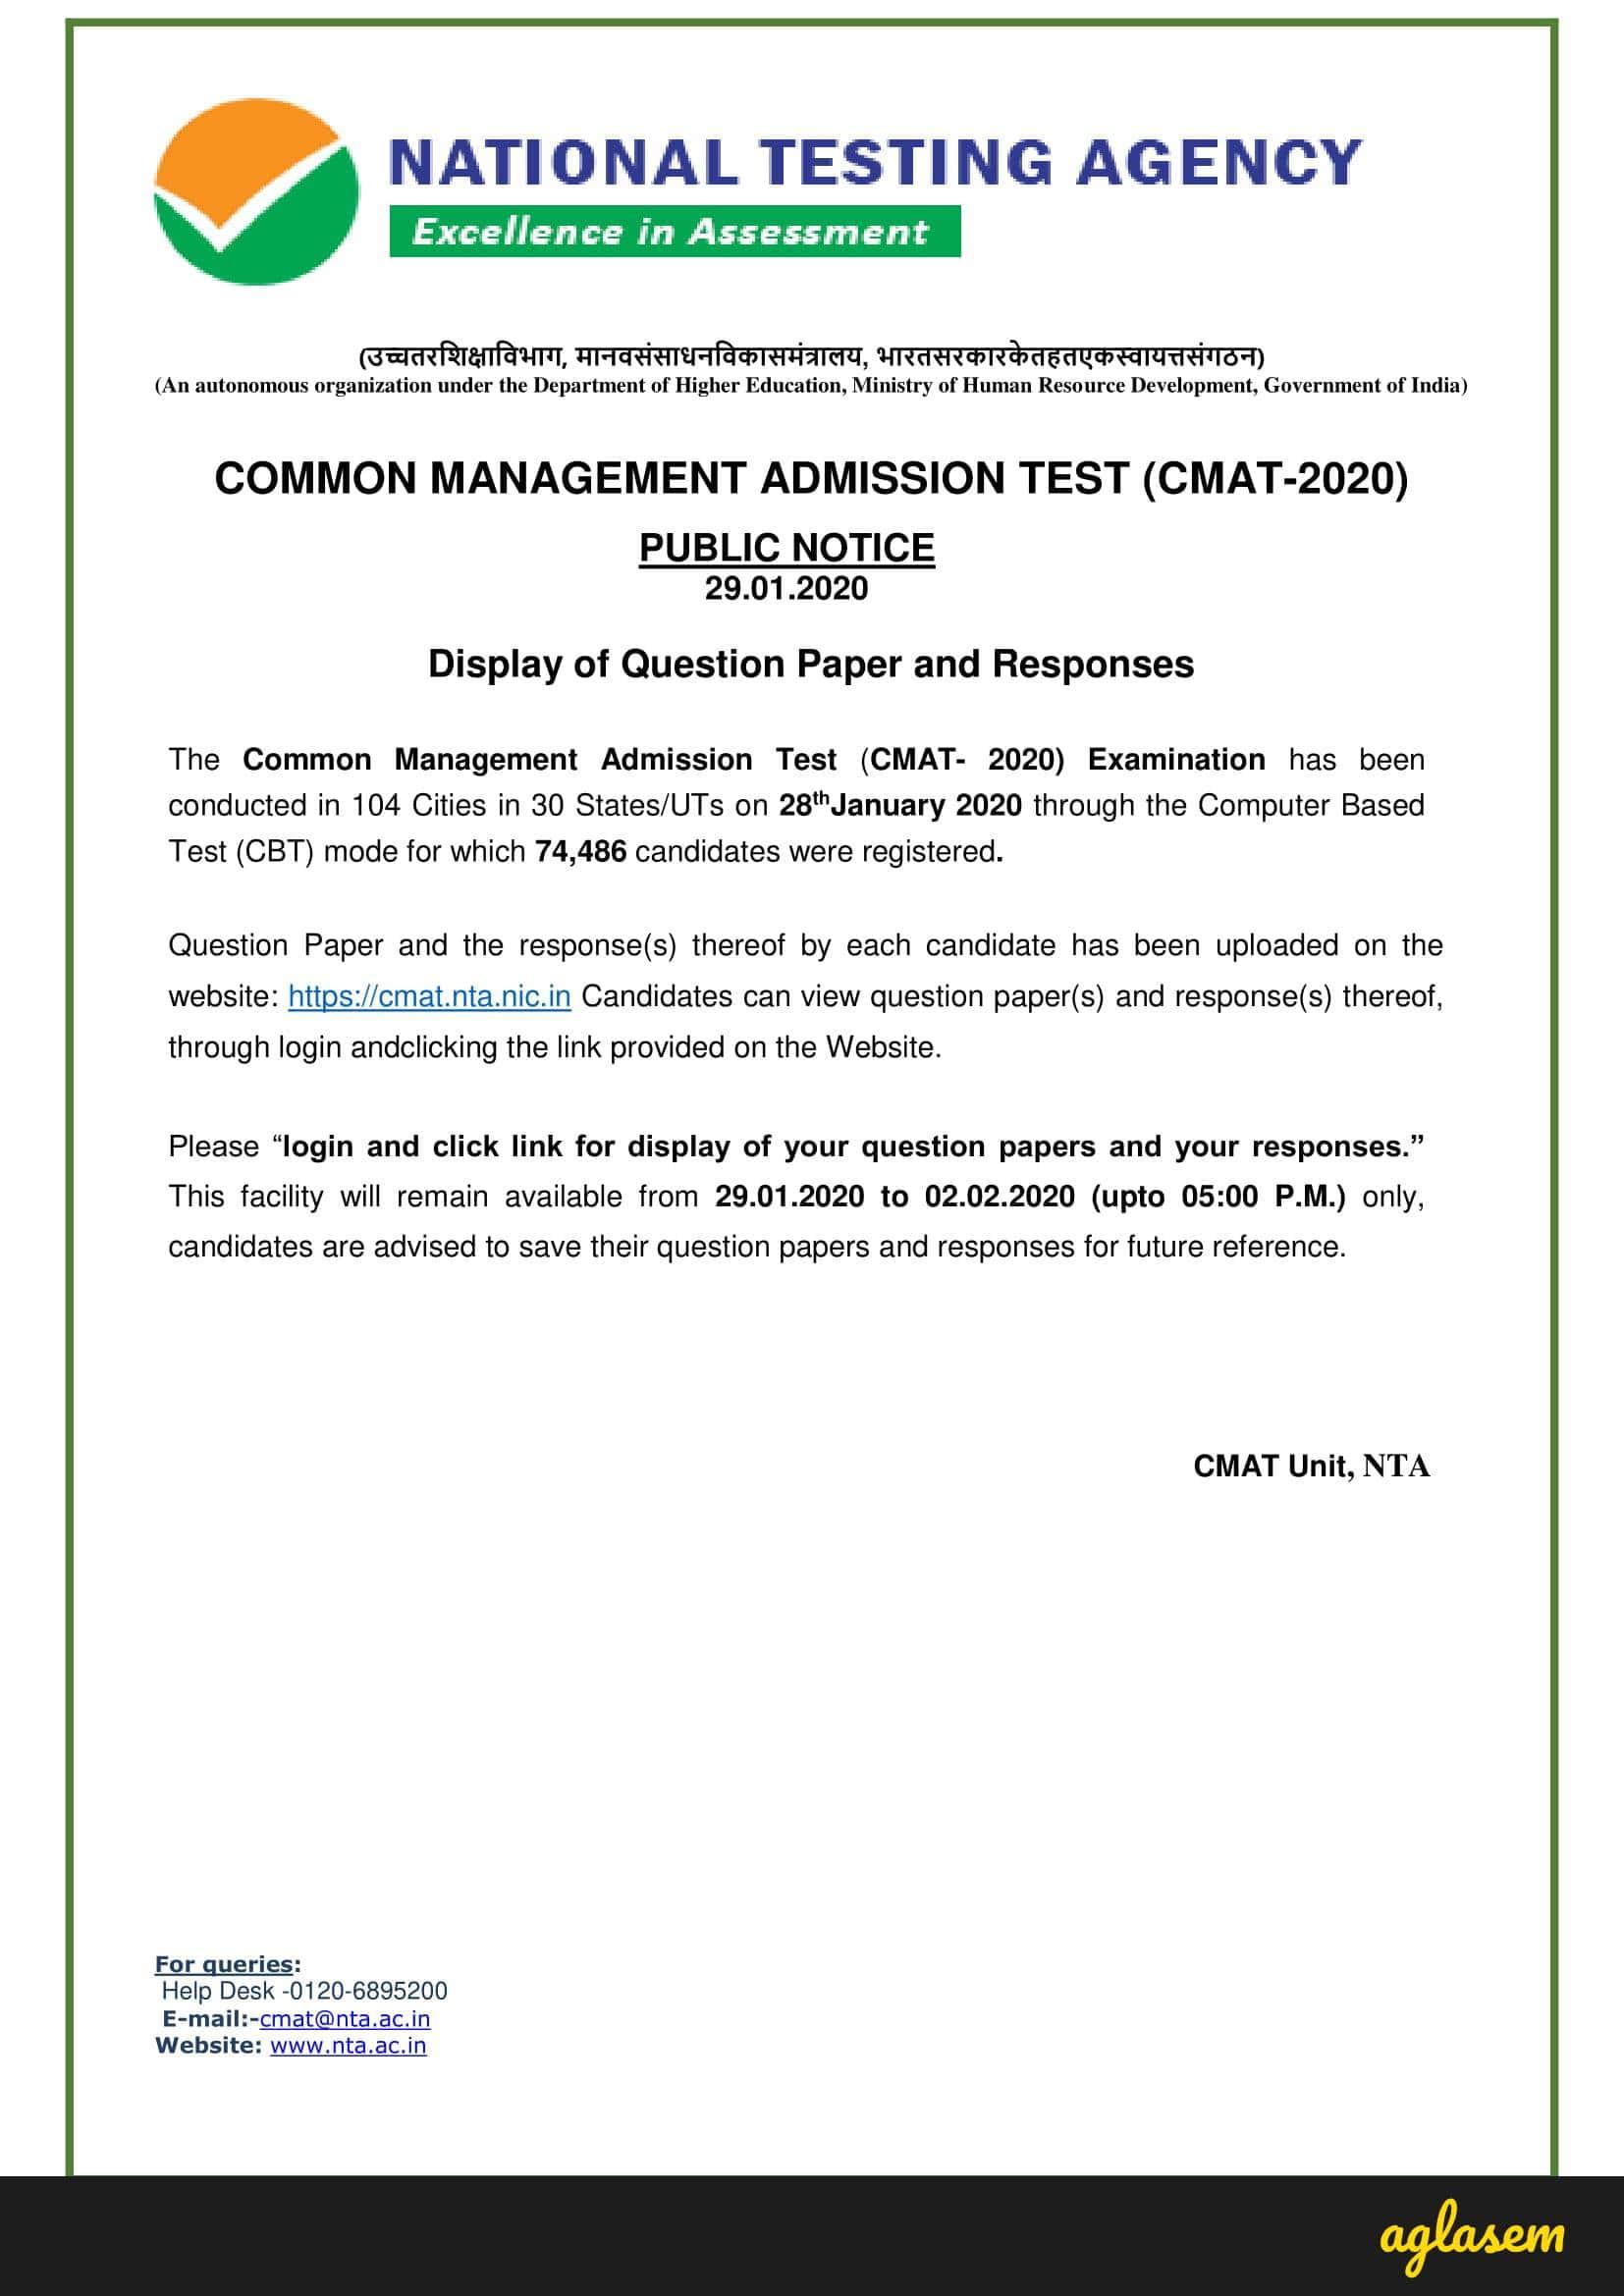 CMAT 2020 Question Paper